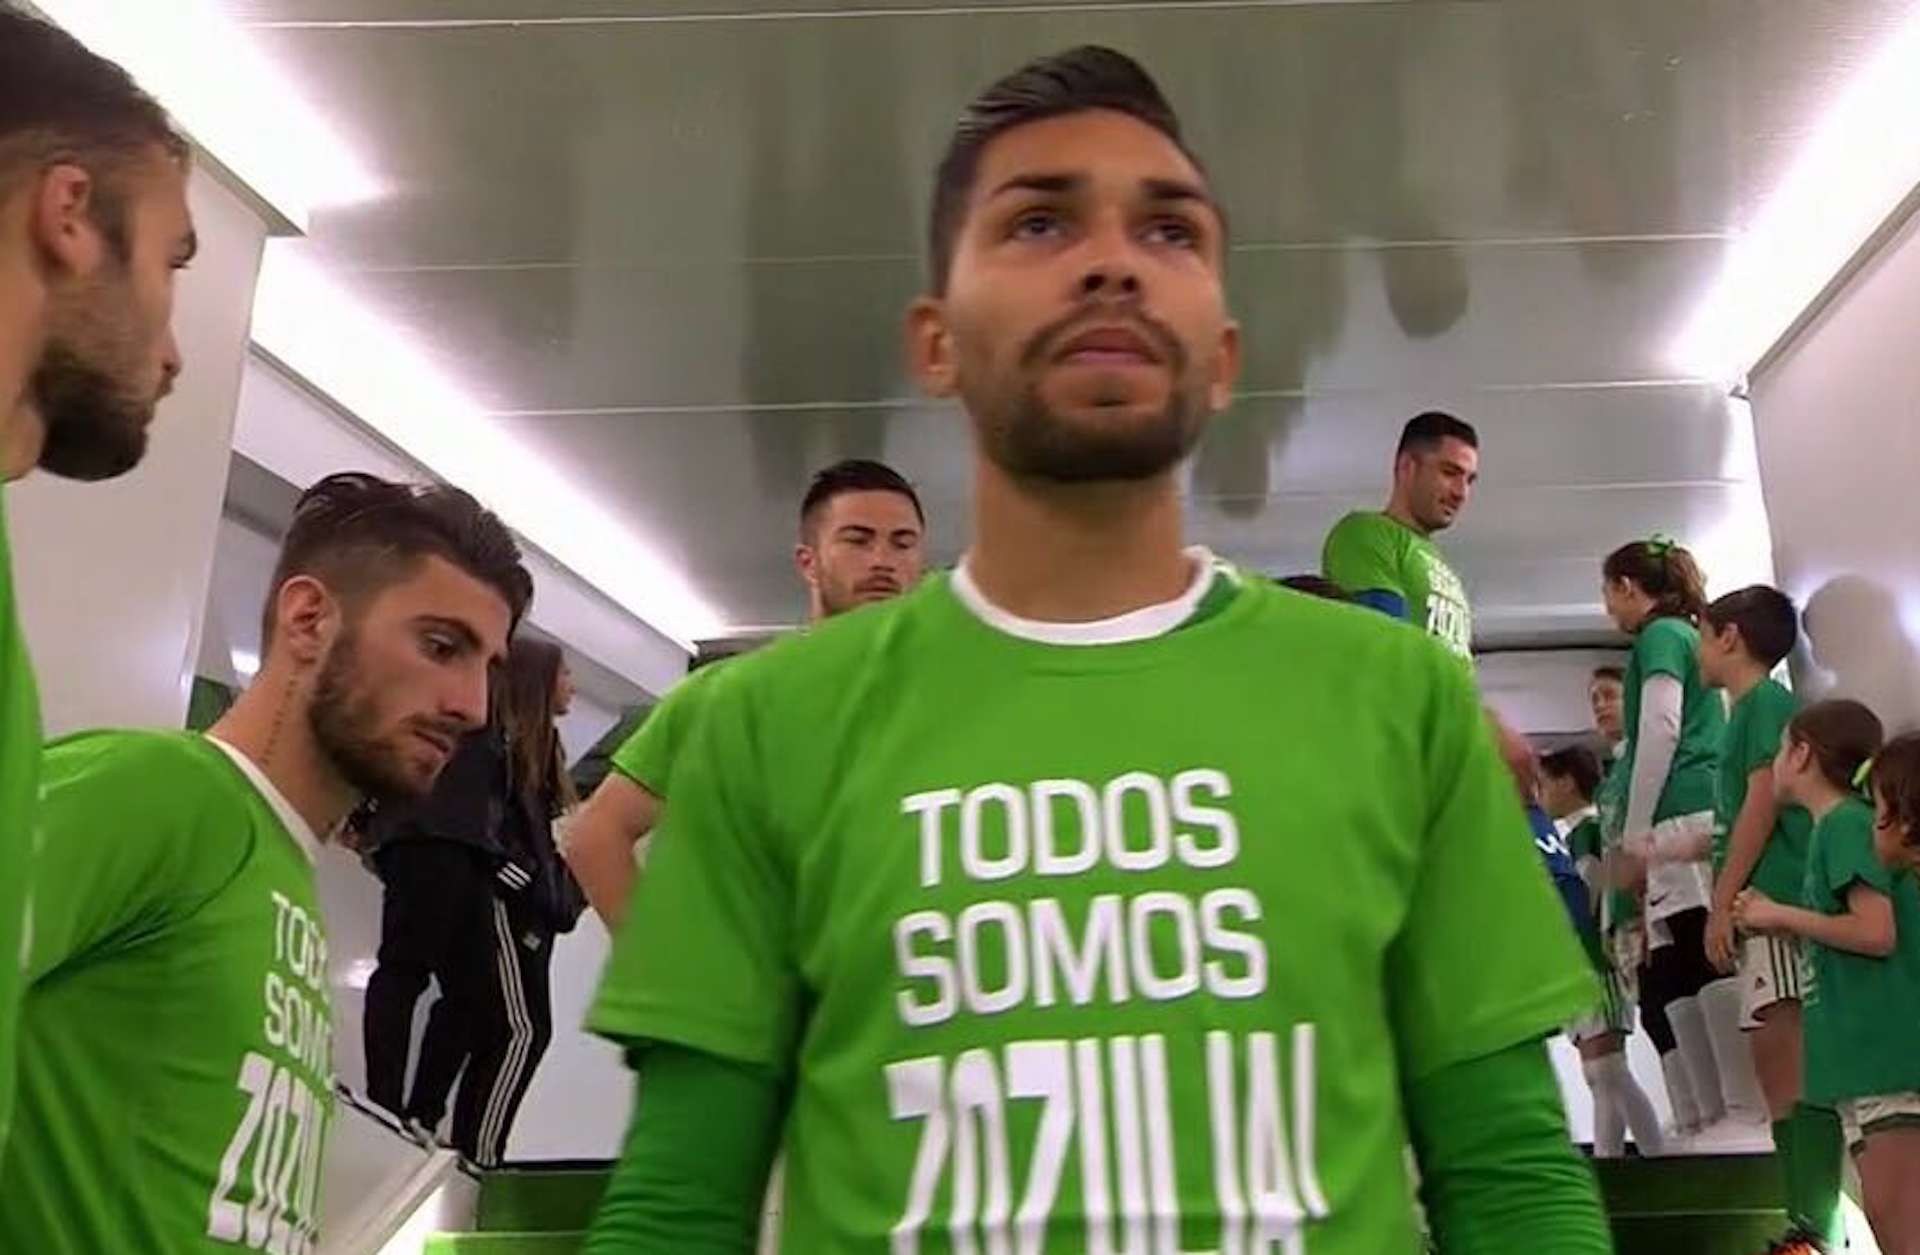 Los jugadores del Betis apoyaron a Zozulya.